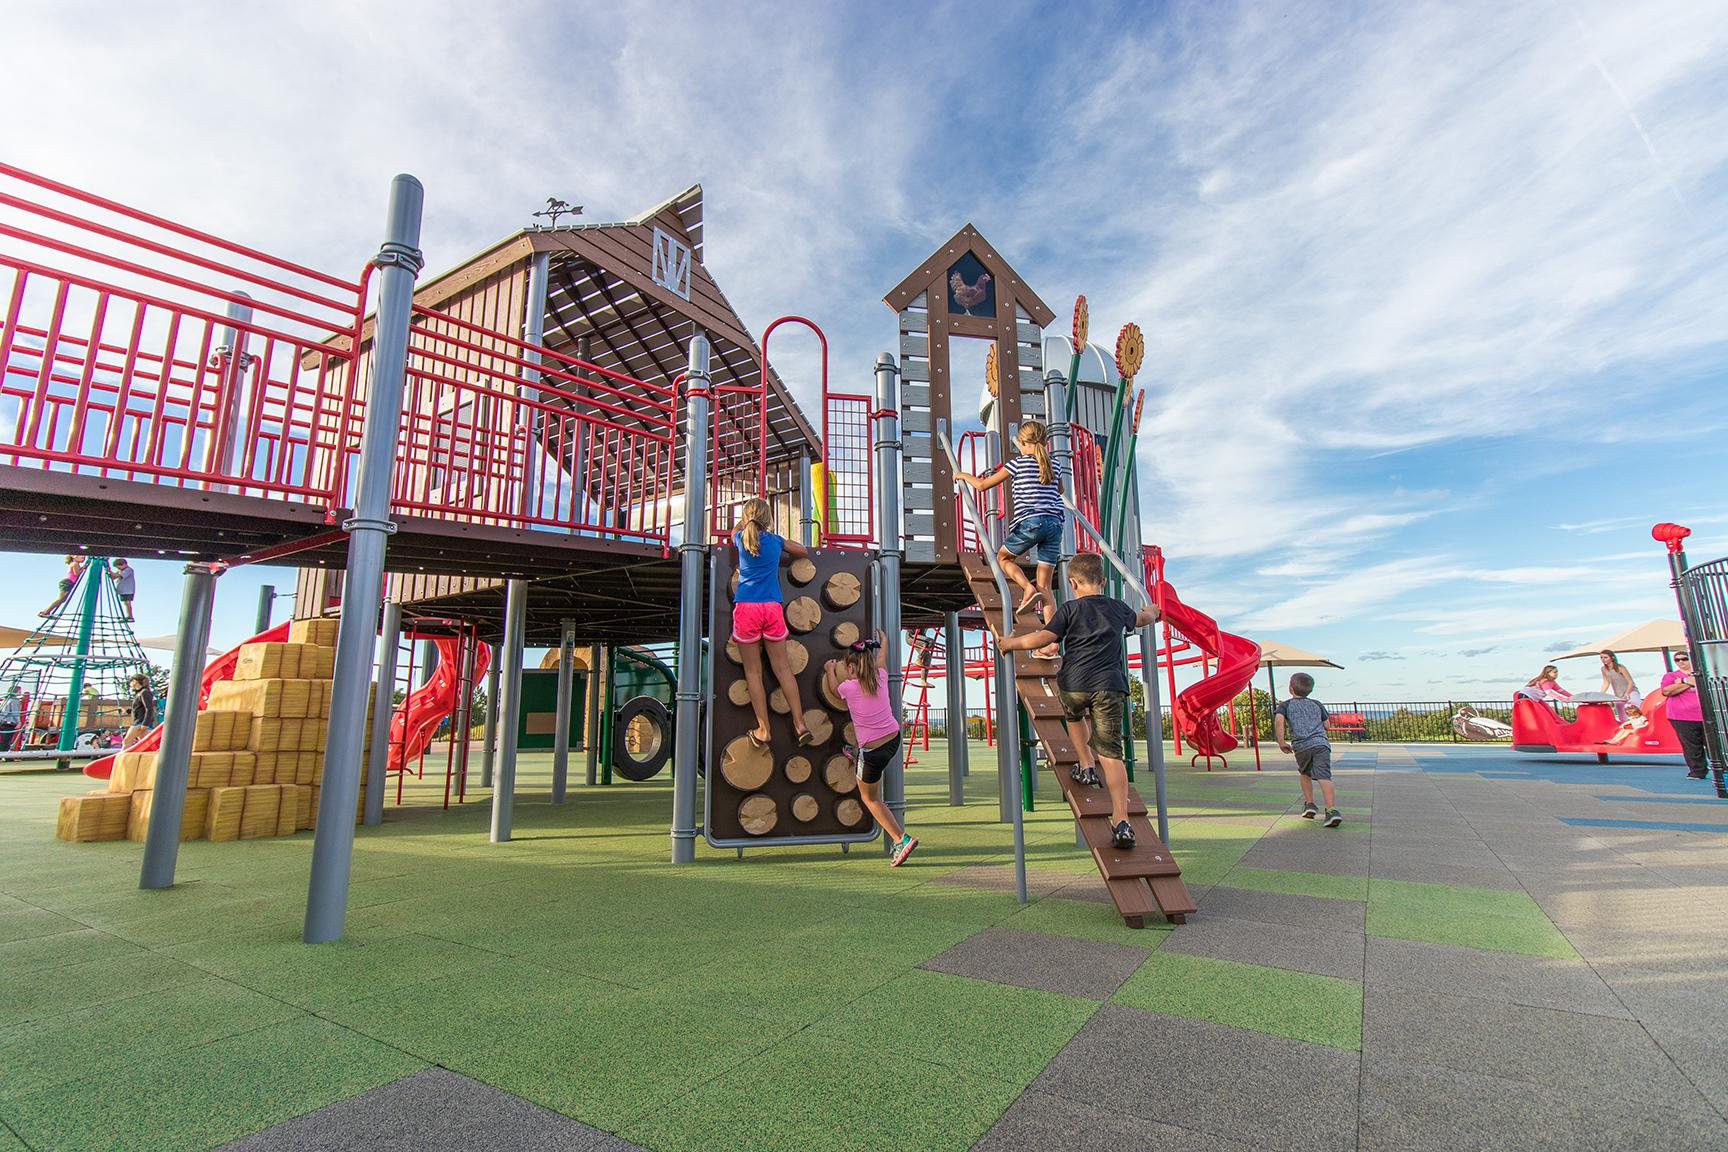 Challenger Playground